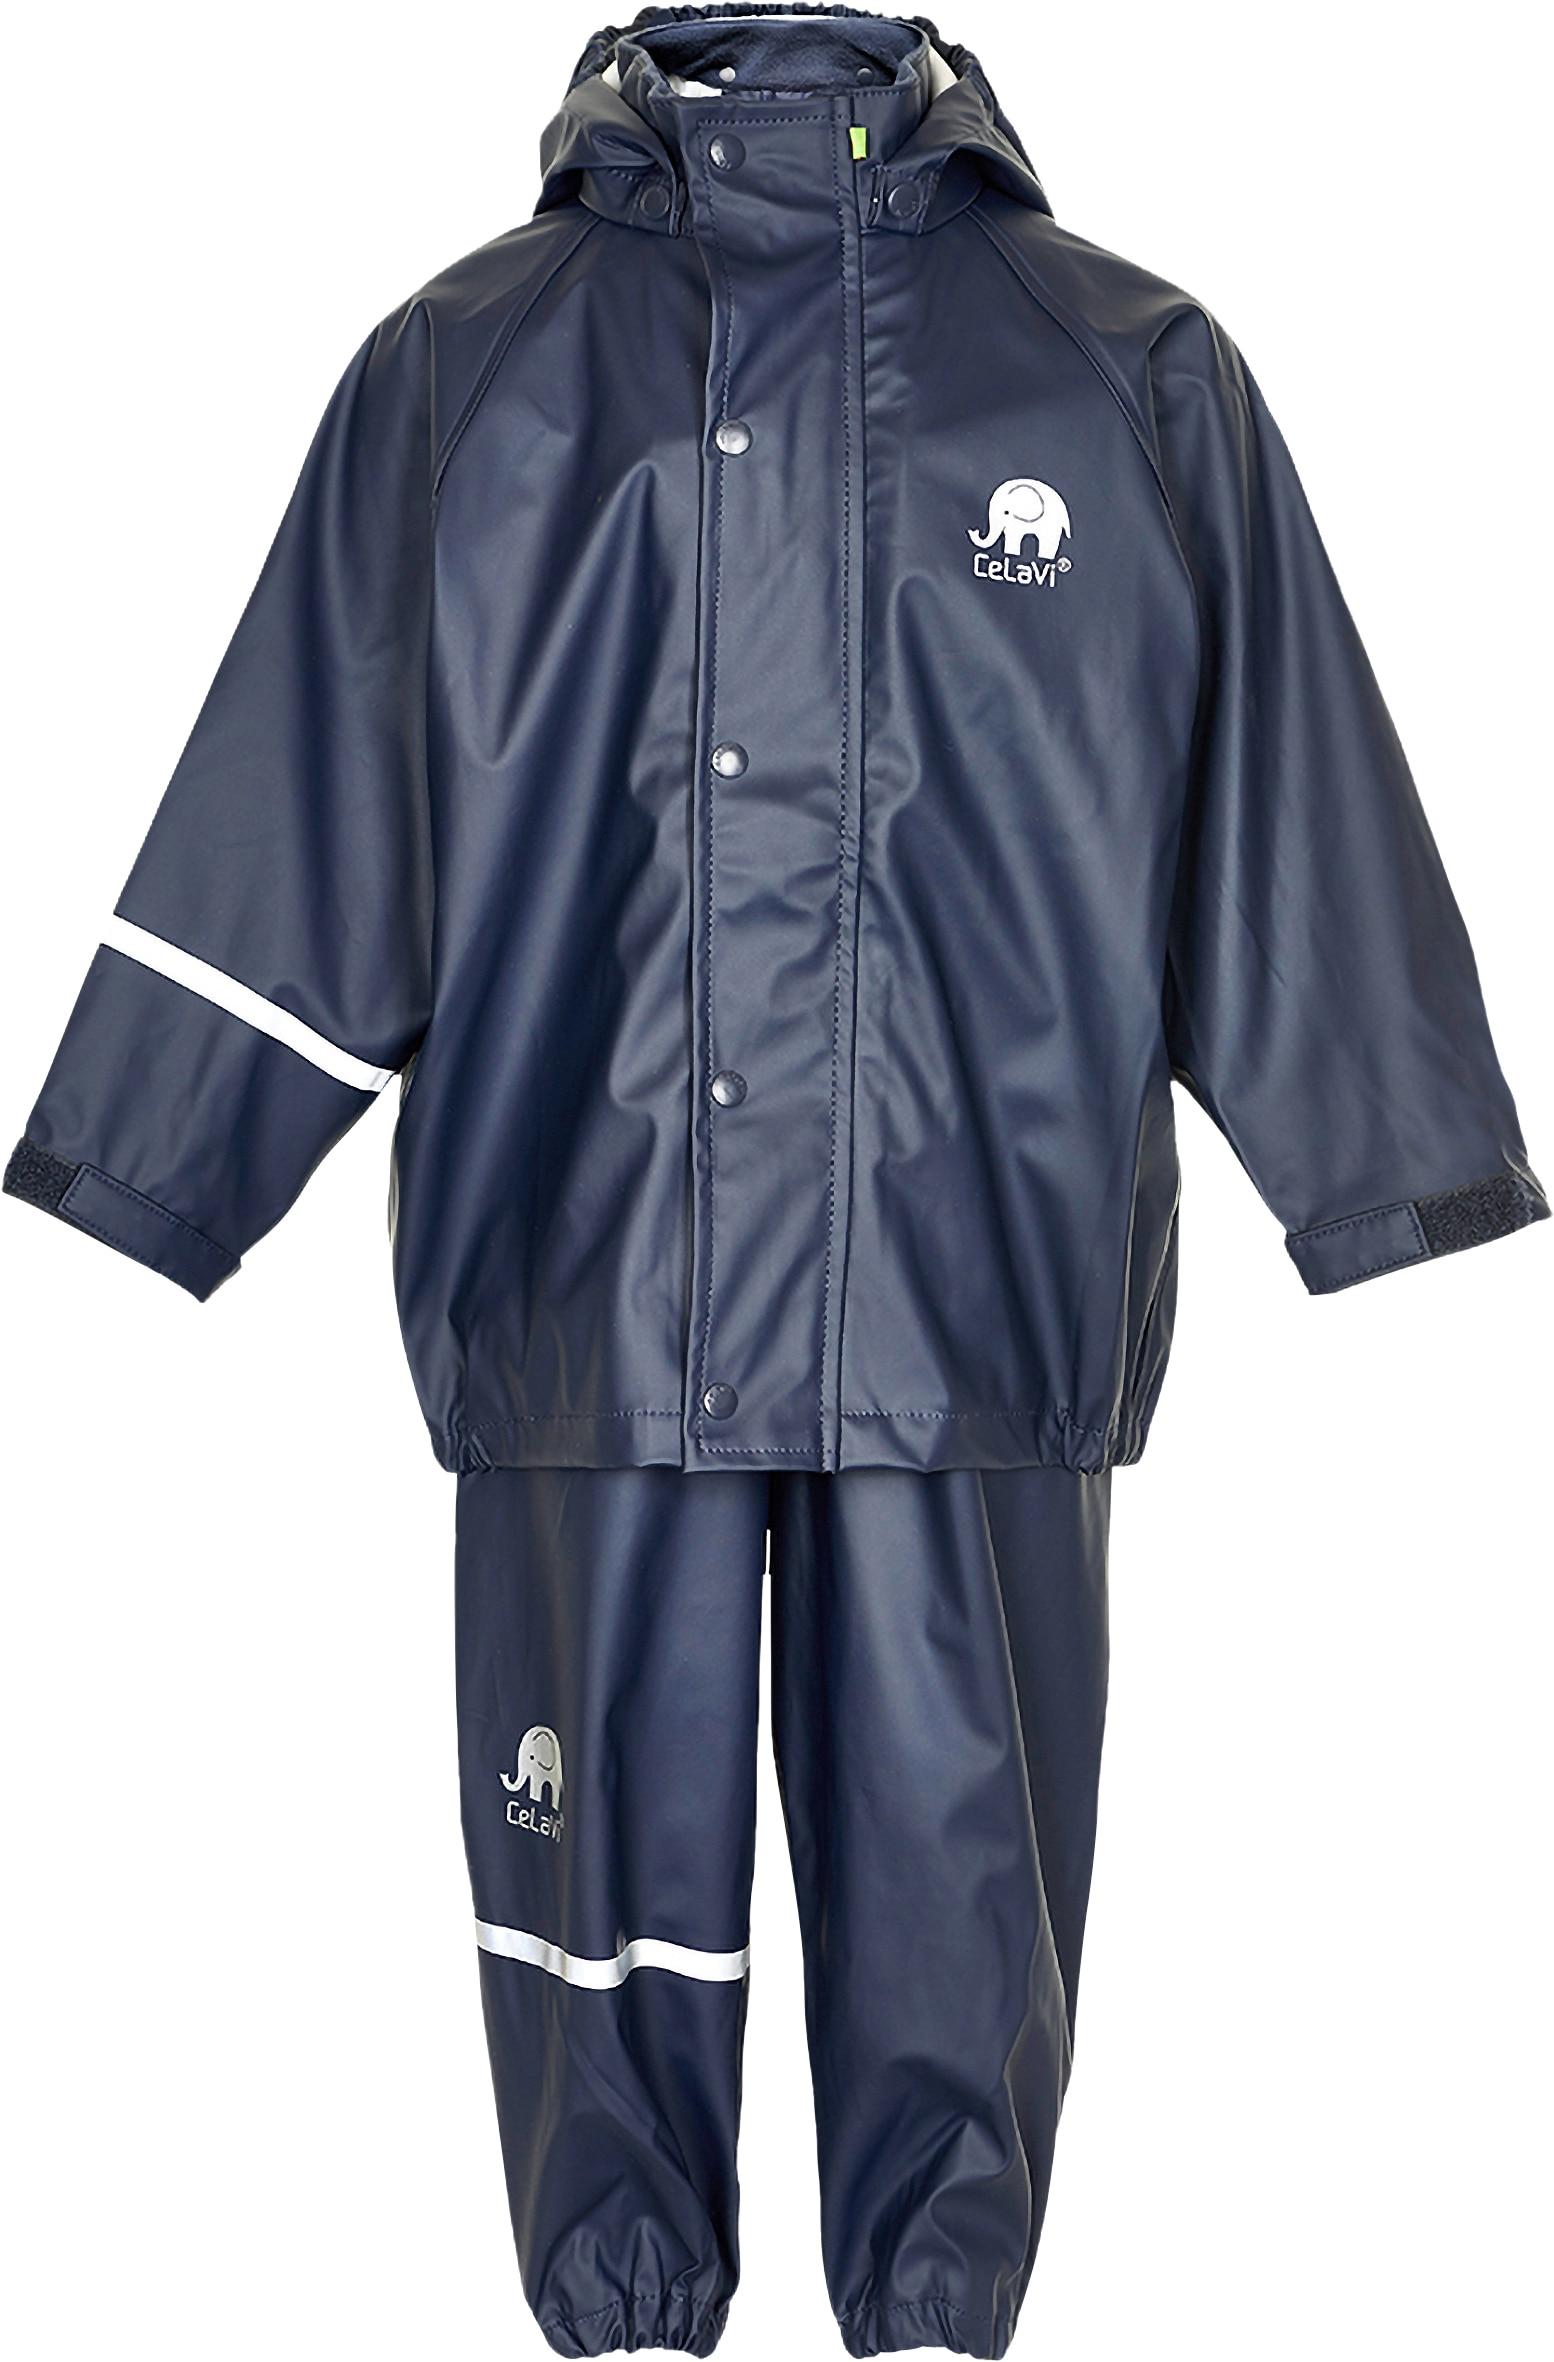 Regenanzug, für Kinder blau Herren Regenanzug Regenanzüge Regenbekleidung Jungenkleidung